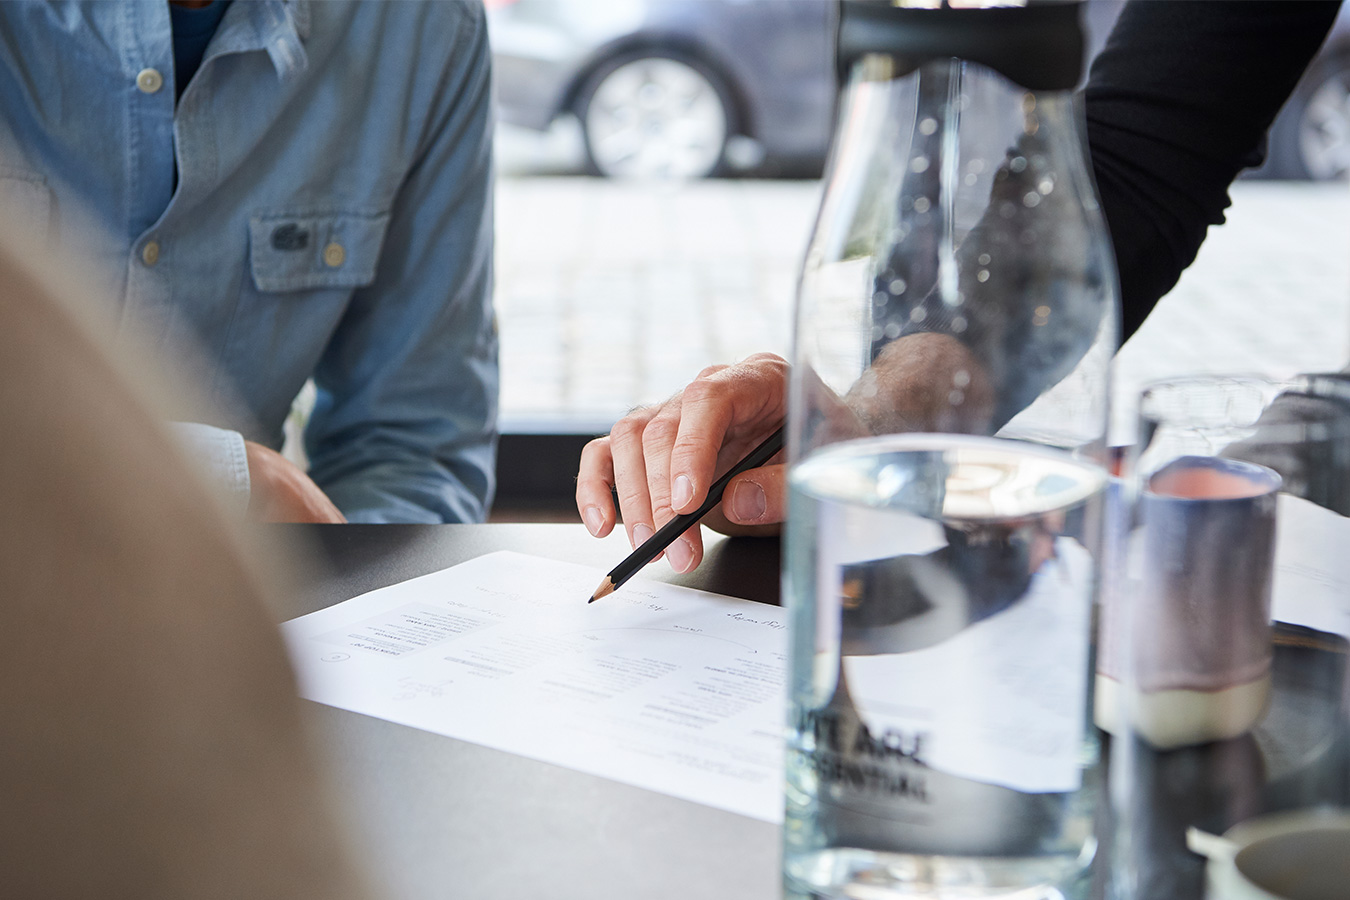 Detailfoto Arbeitssituation: Hand mit Stift skribbelt auf Papier